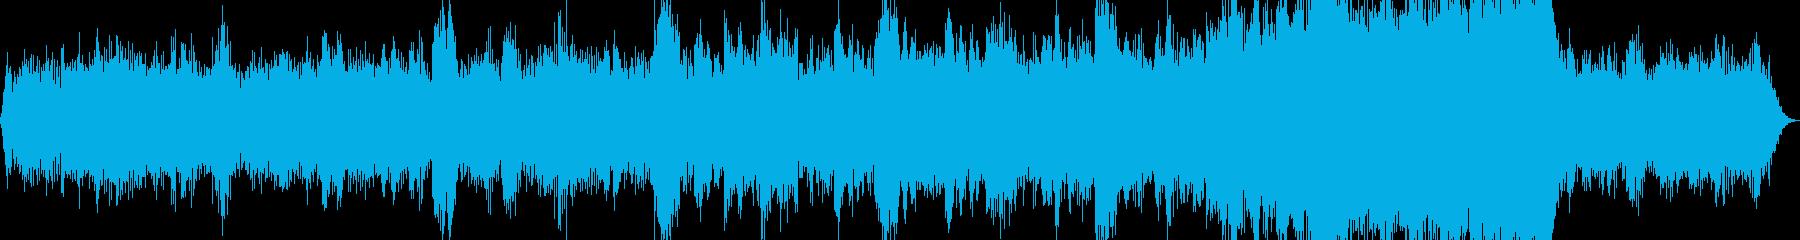 低音重視のとりあえず気味悪い曲の再生済みの波形